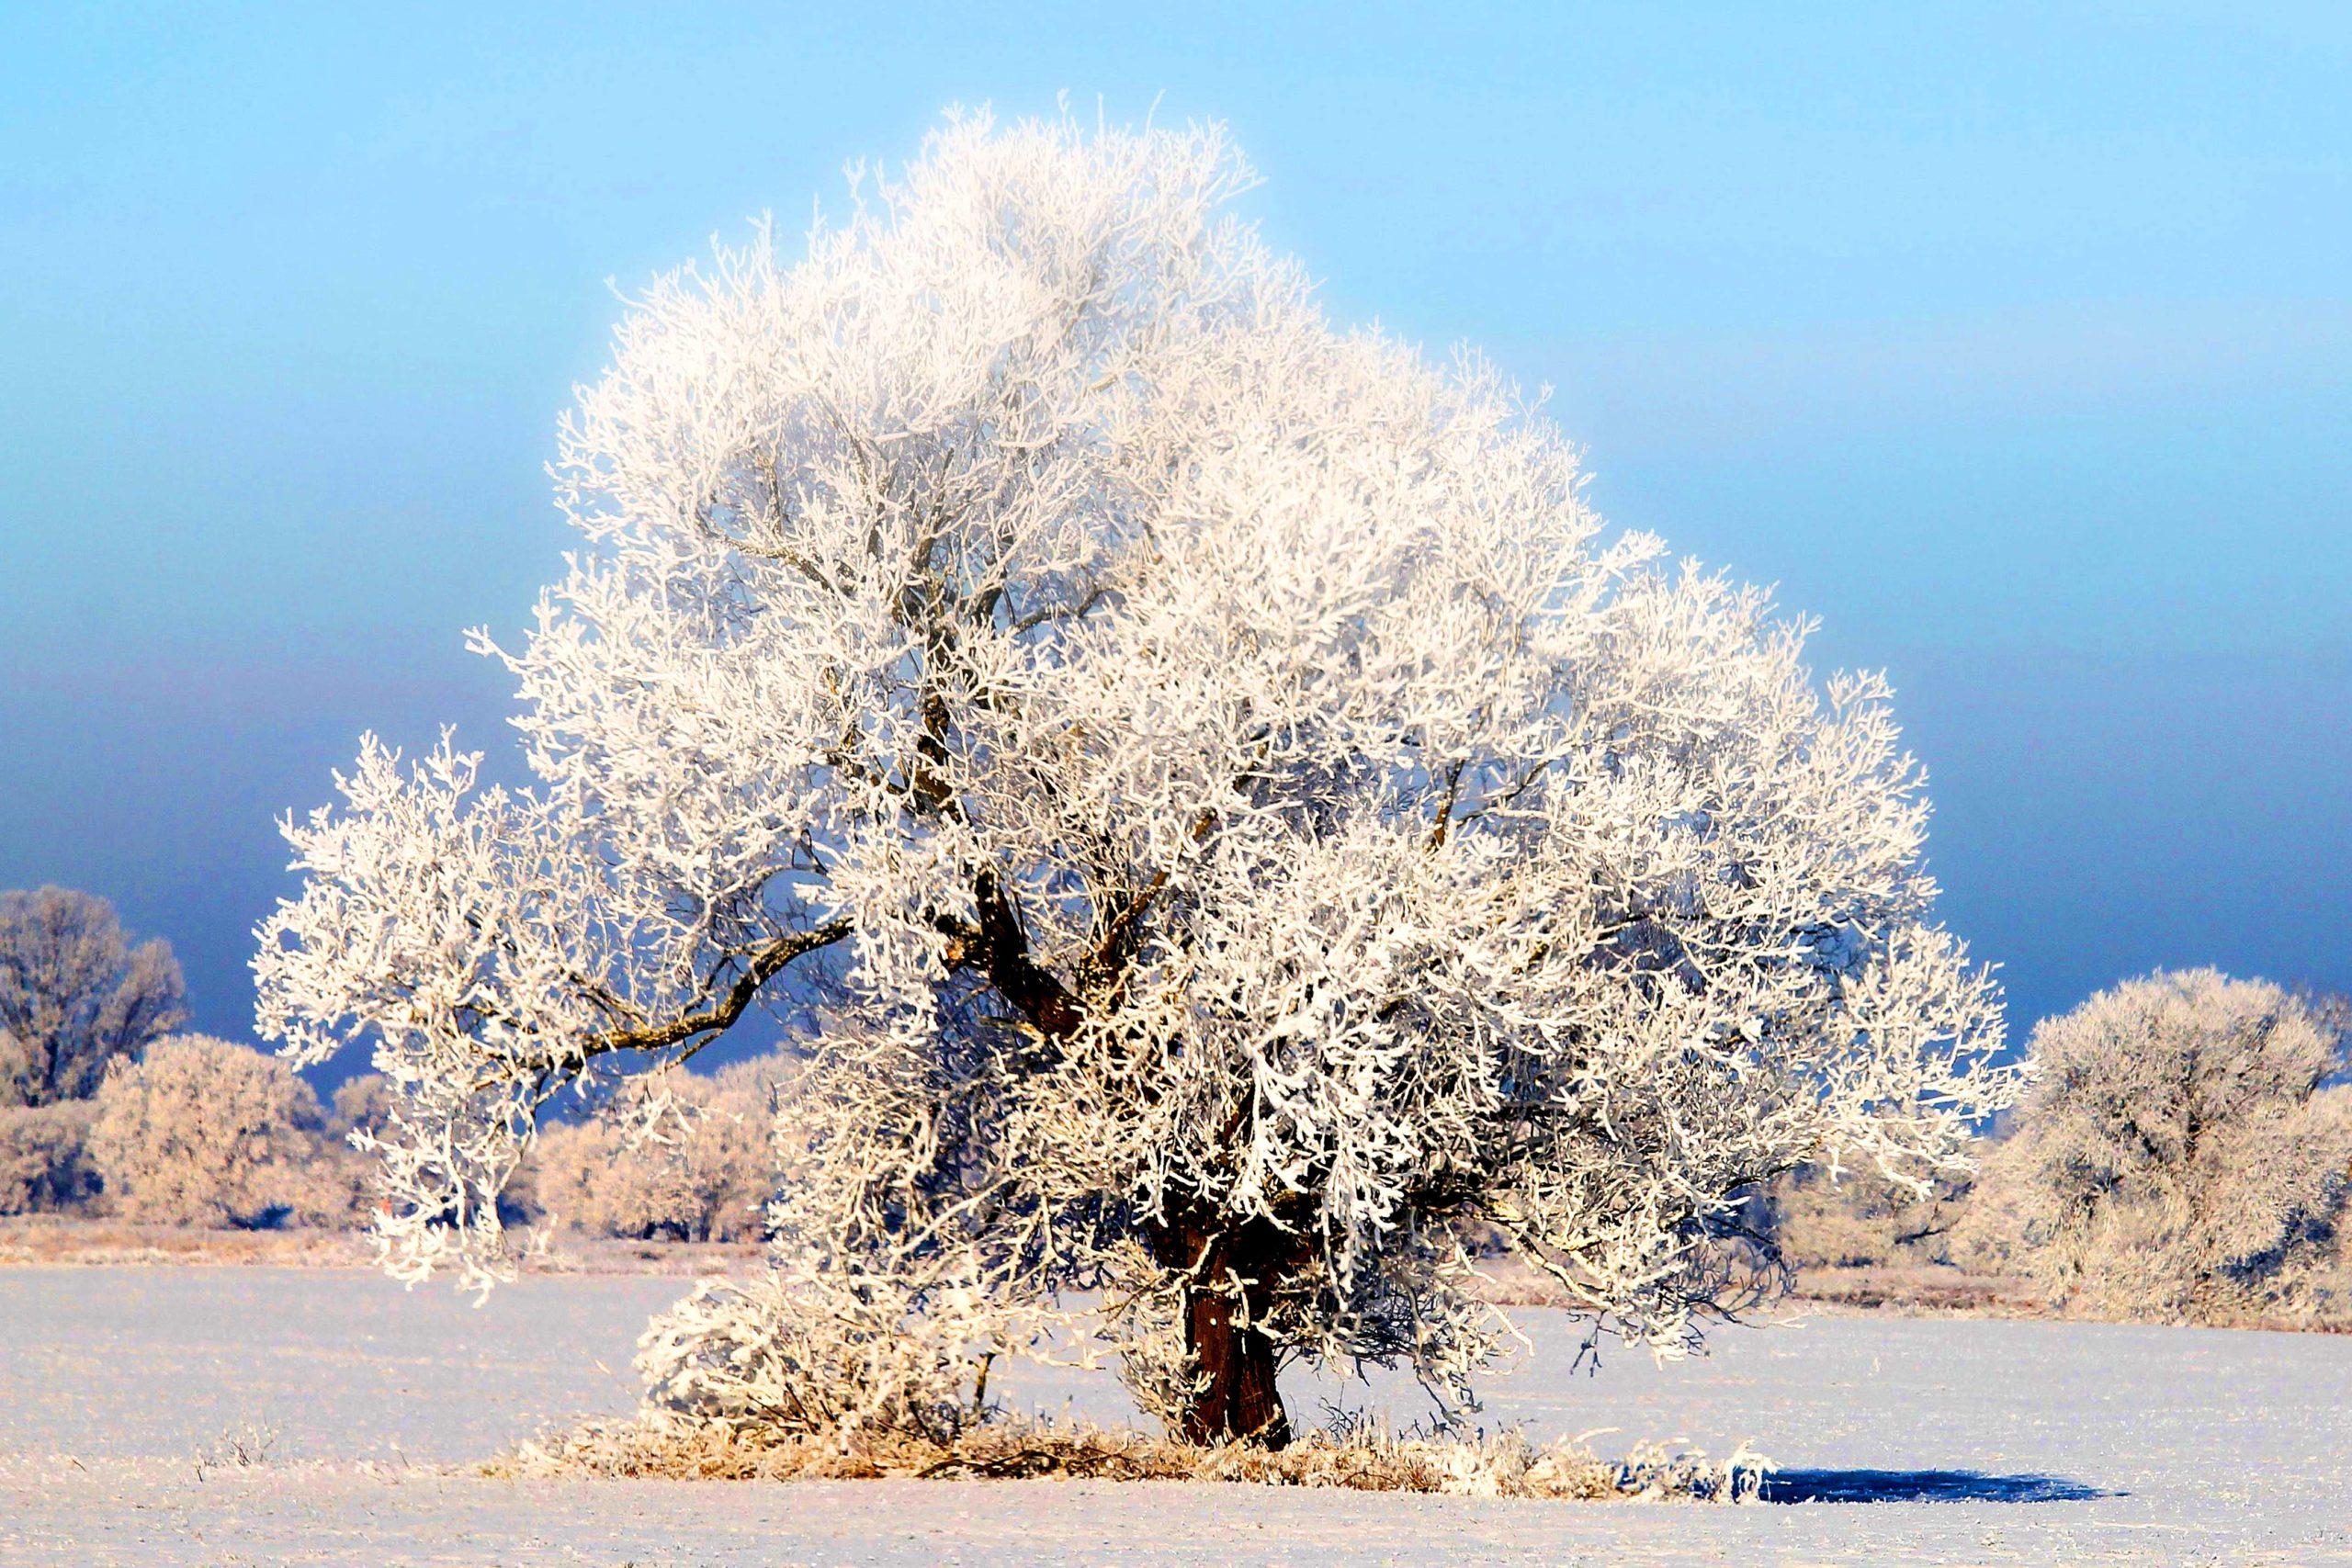 Замерзает ли зимой жидкость в деревьях?